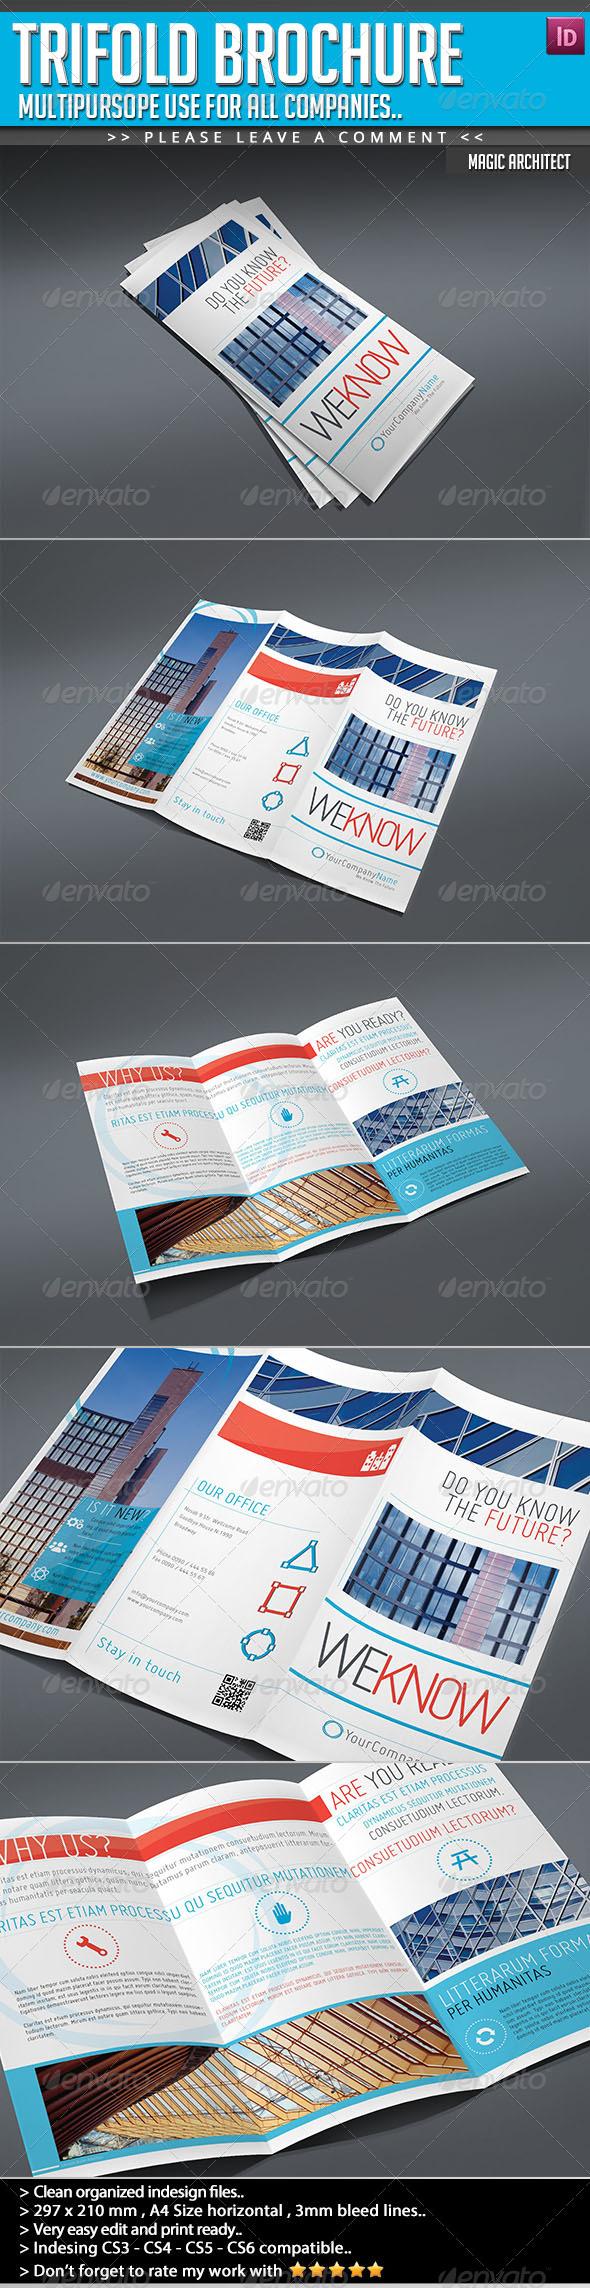 GraphicRiver Trifold Brochure The Magic of Architecture 4915811